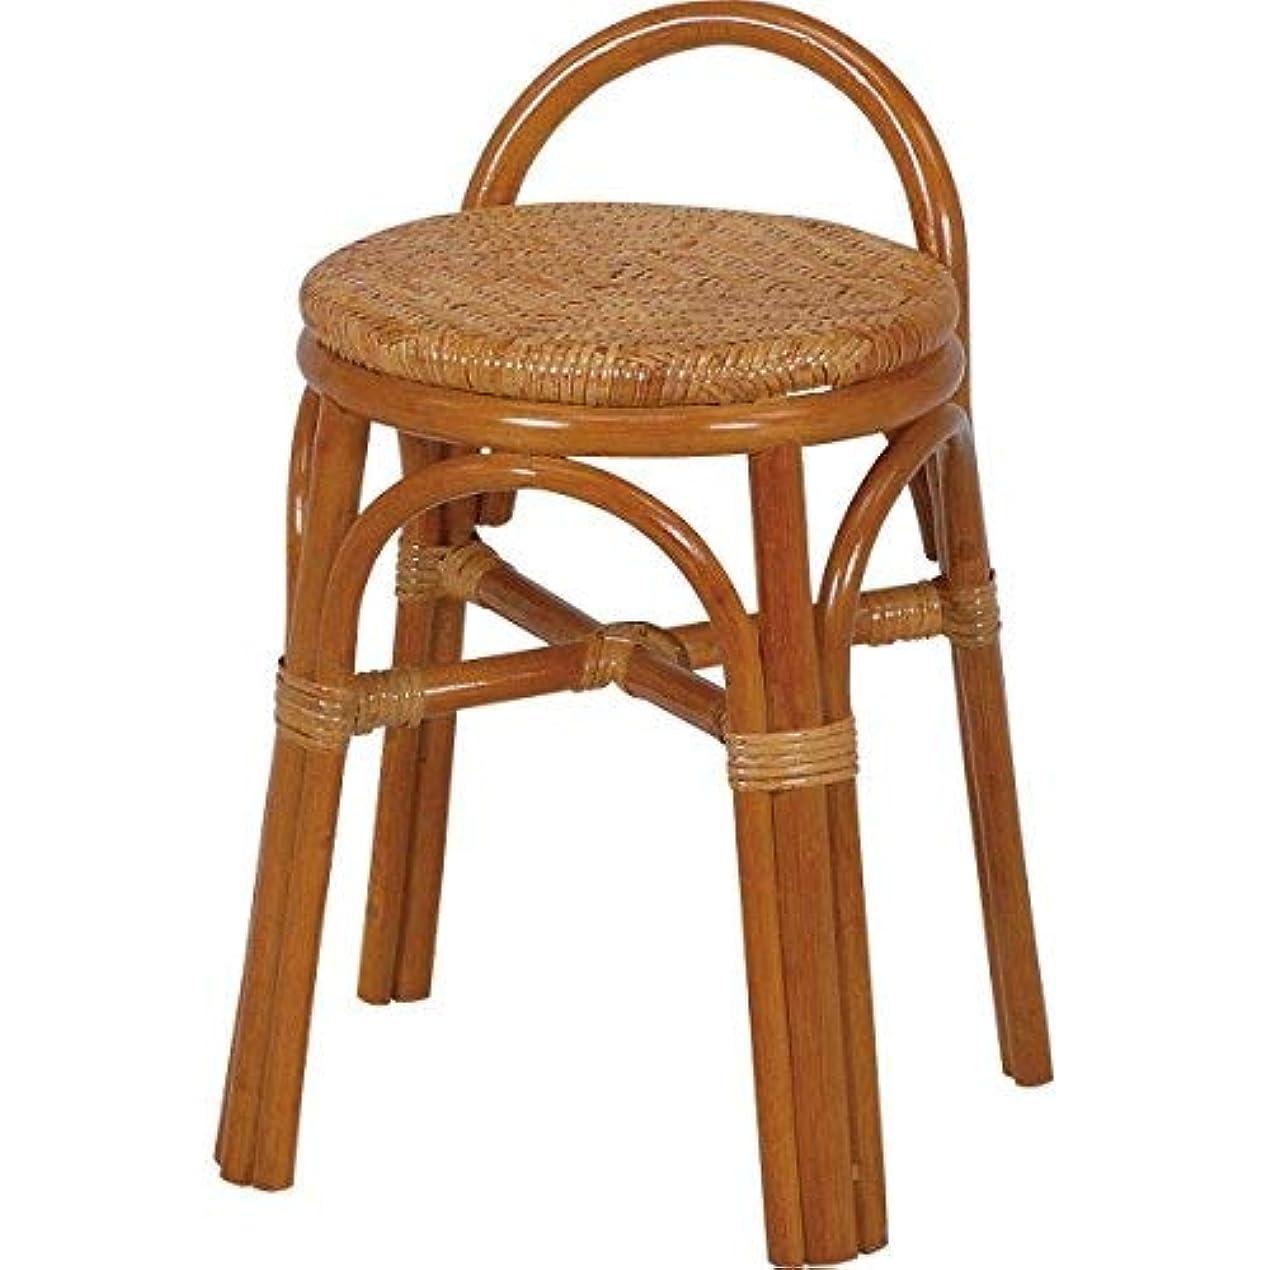 質量確保する分数軽いスツール ラタン製 RH-554 持ち手付き 脱衣所 や 玄関 補助椅子 に使える コンパクトなスツール